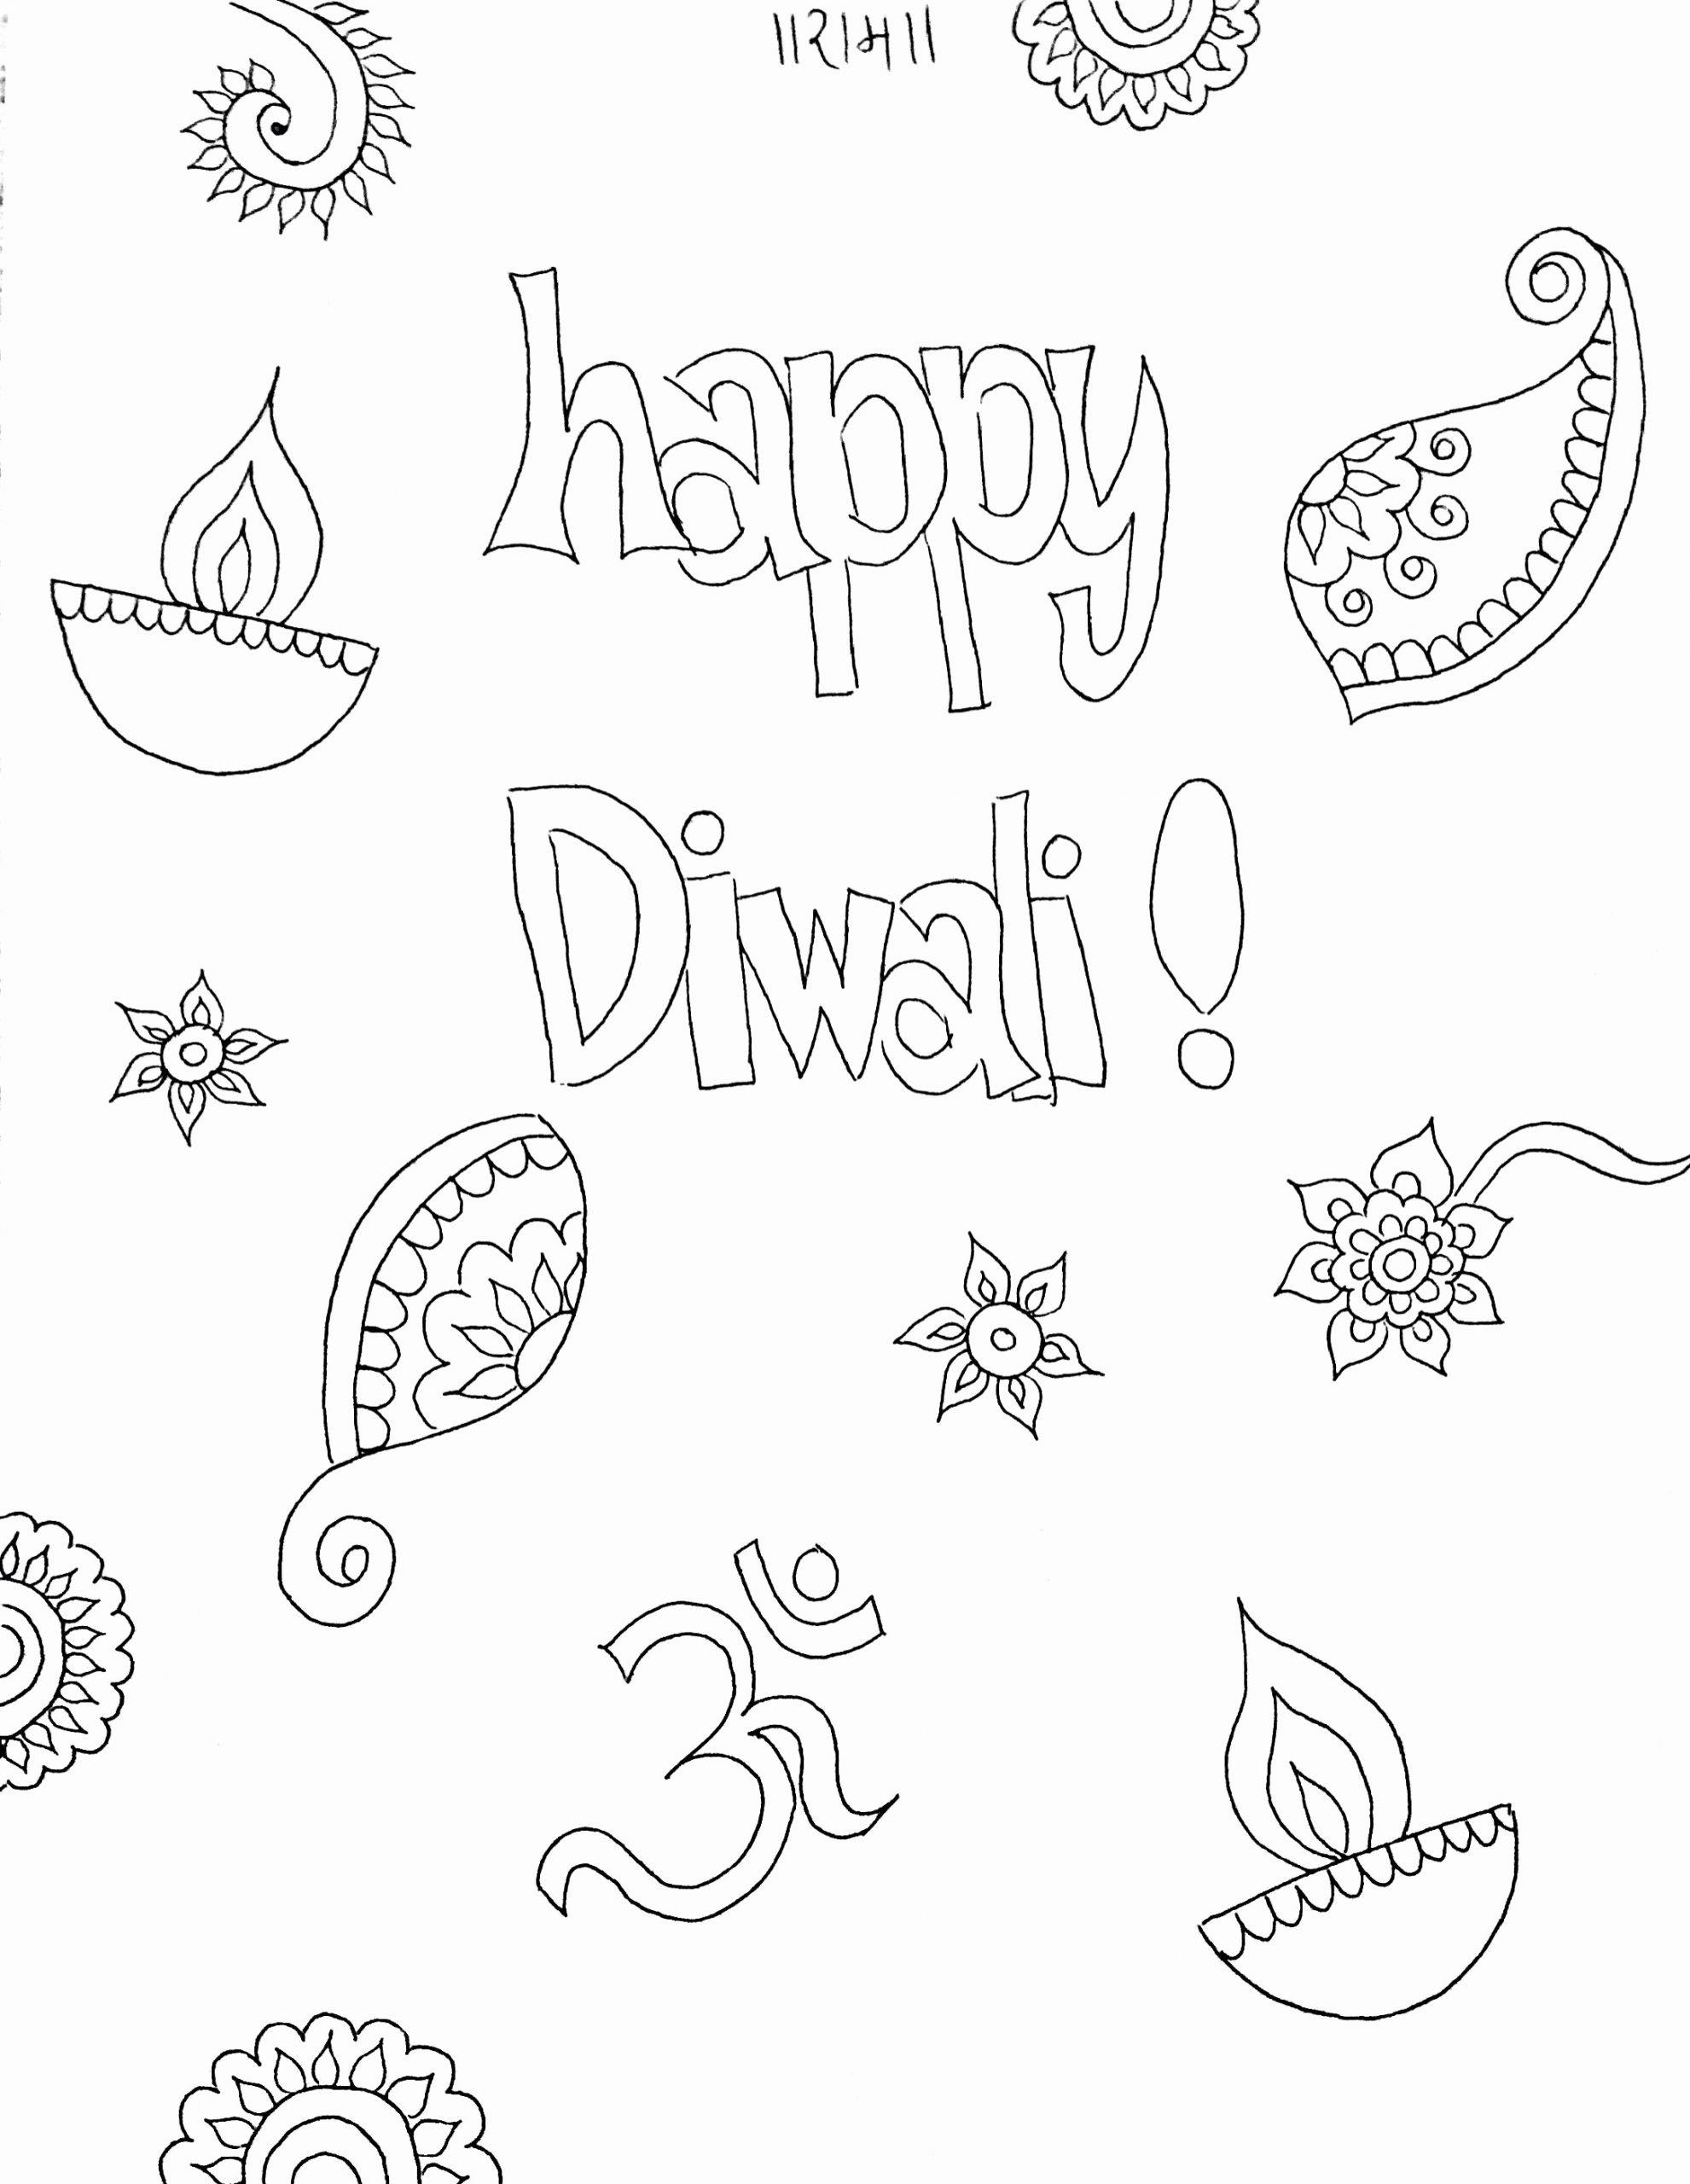 Diwali Worksheets for Preschoolers Unique Diwali Coloring Sheet for Kids